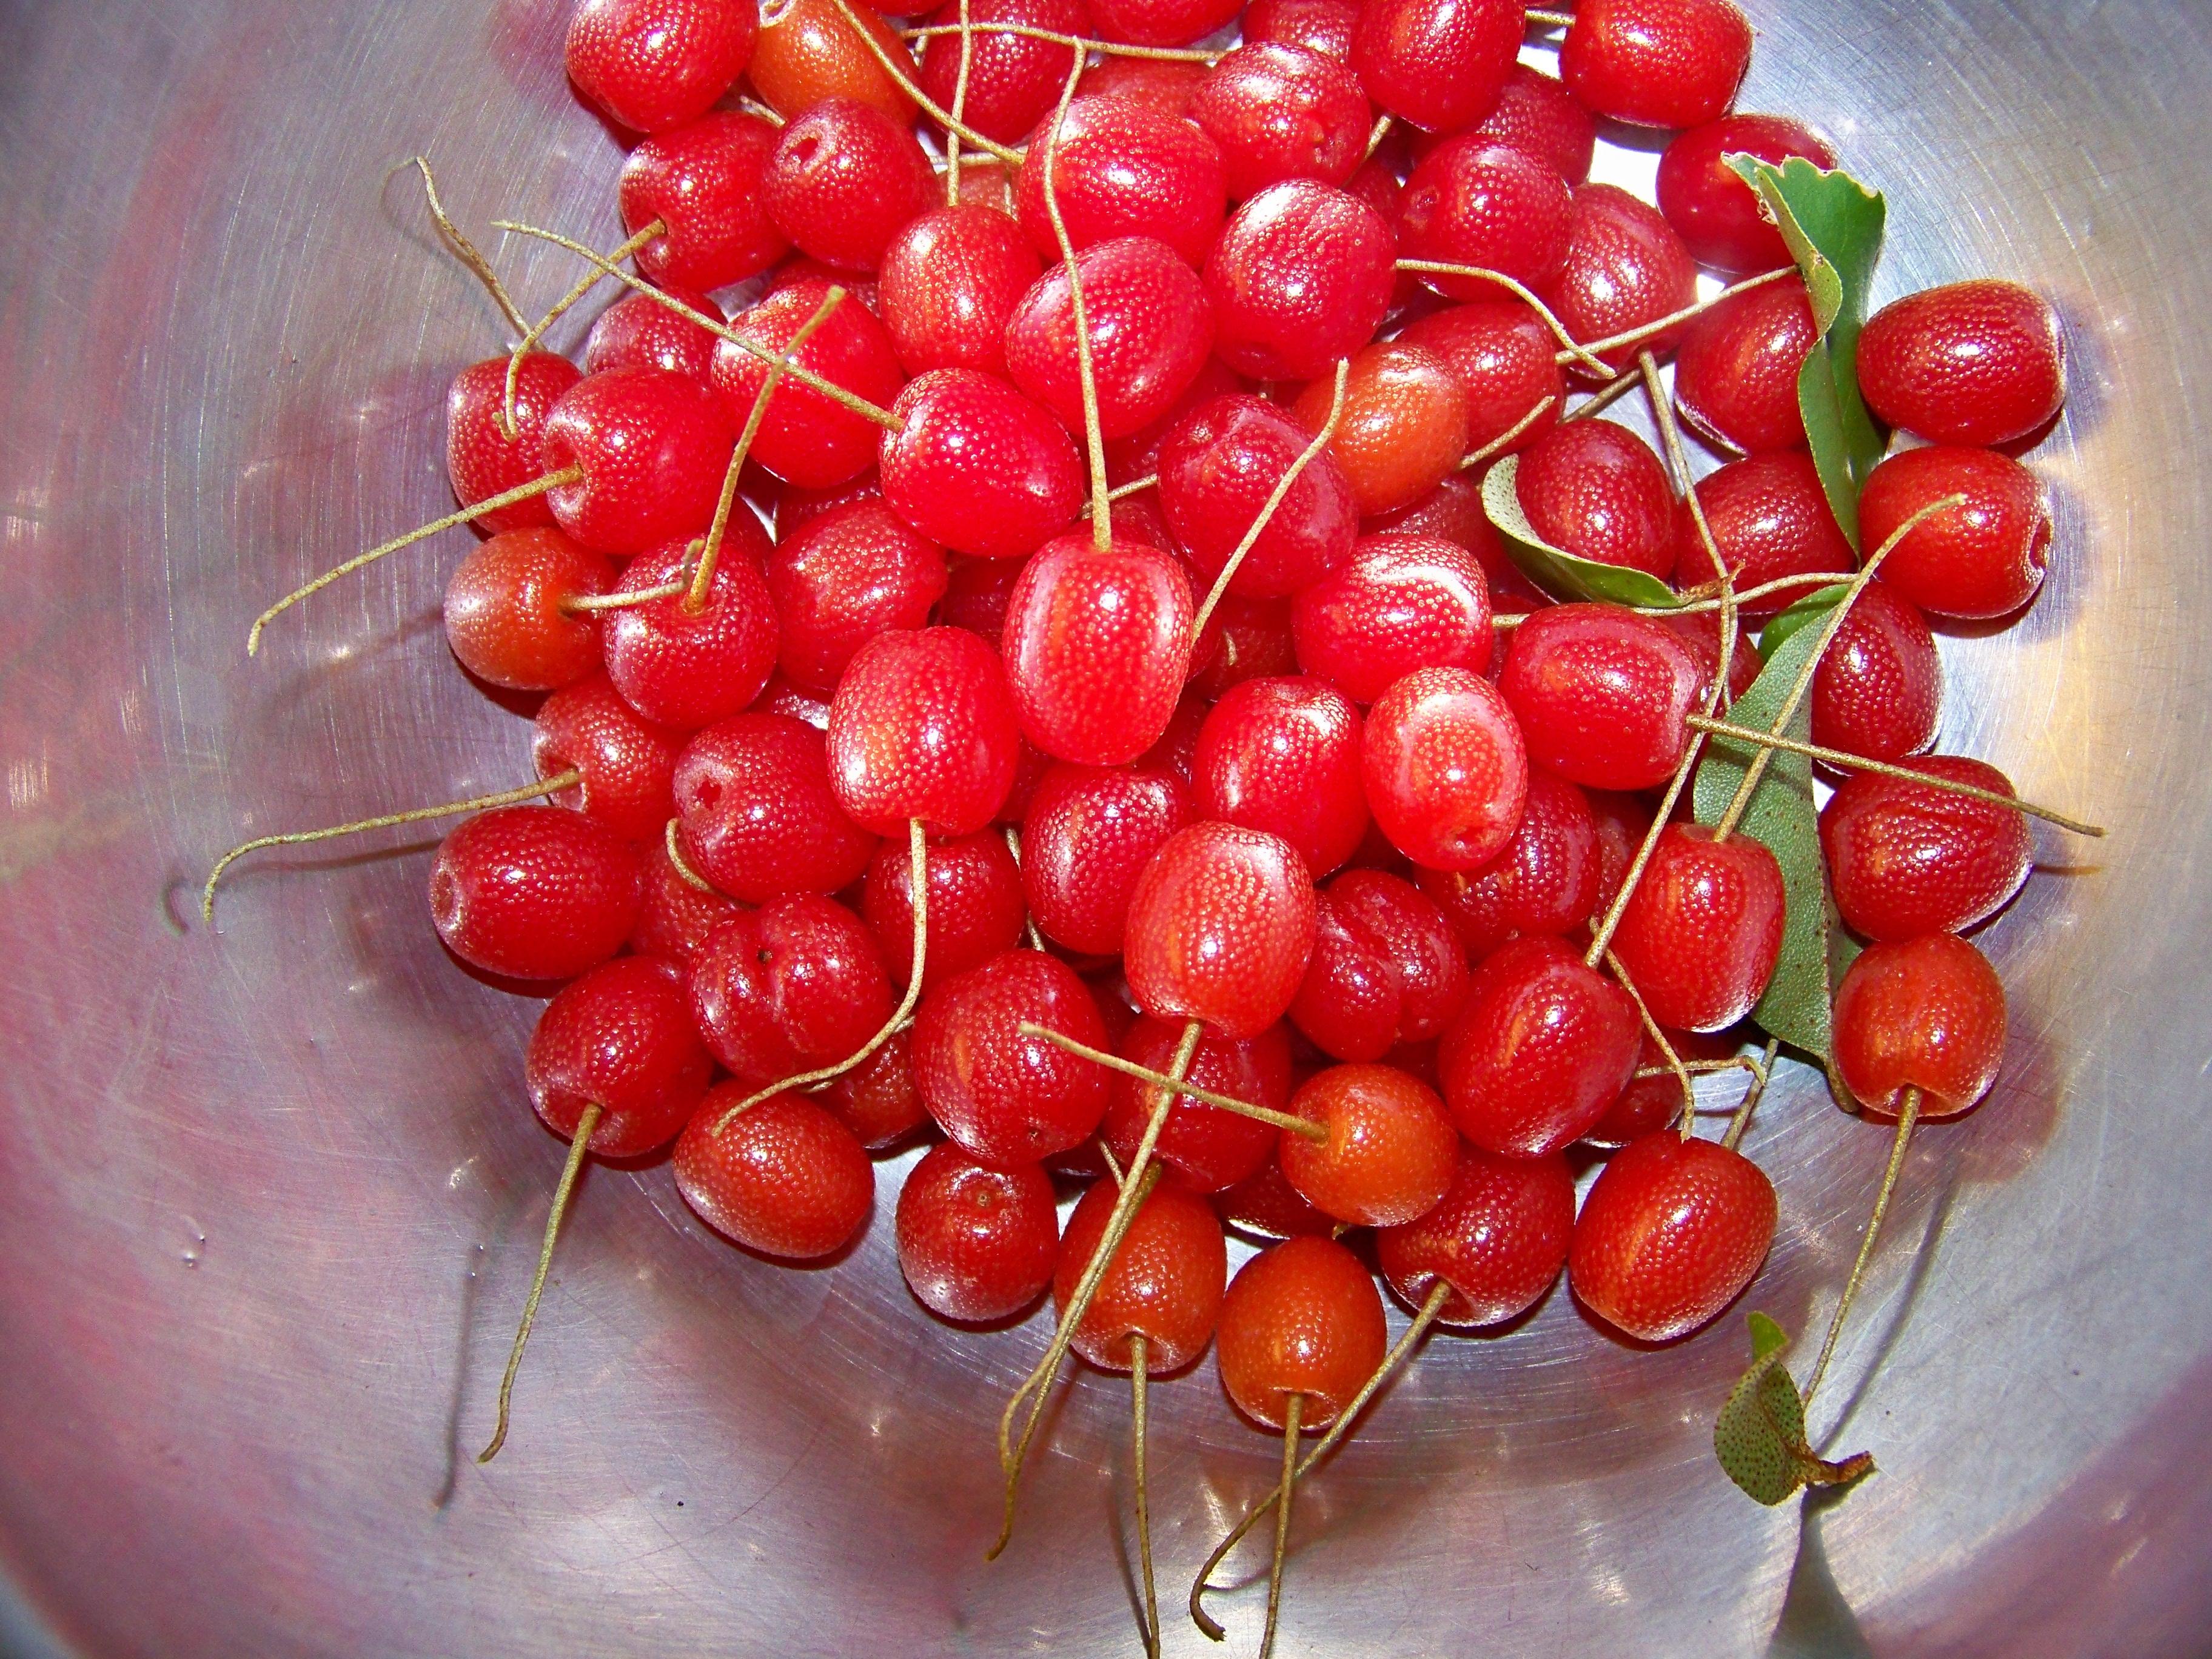 silverberries1.jpg